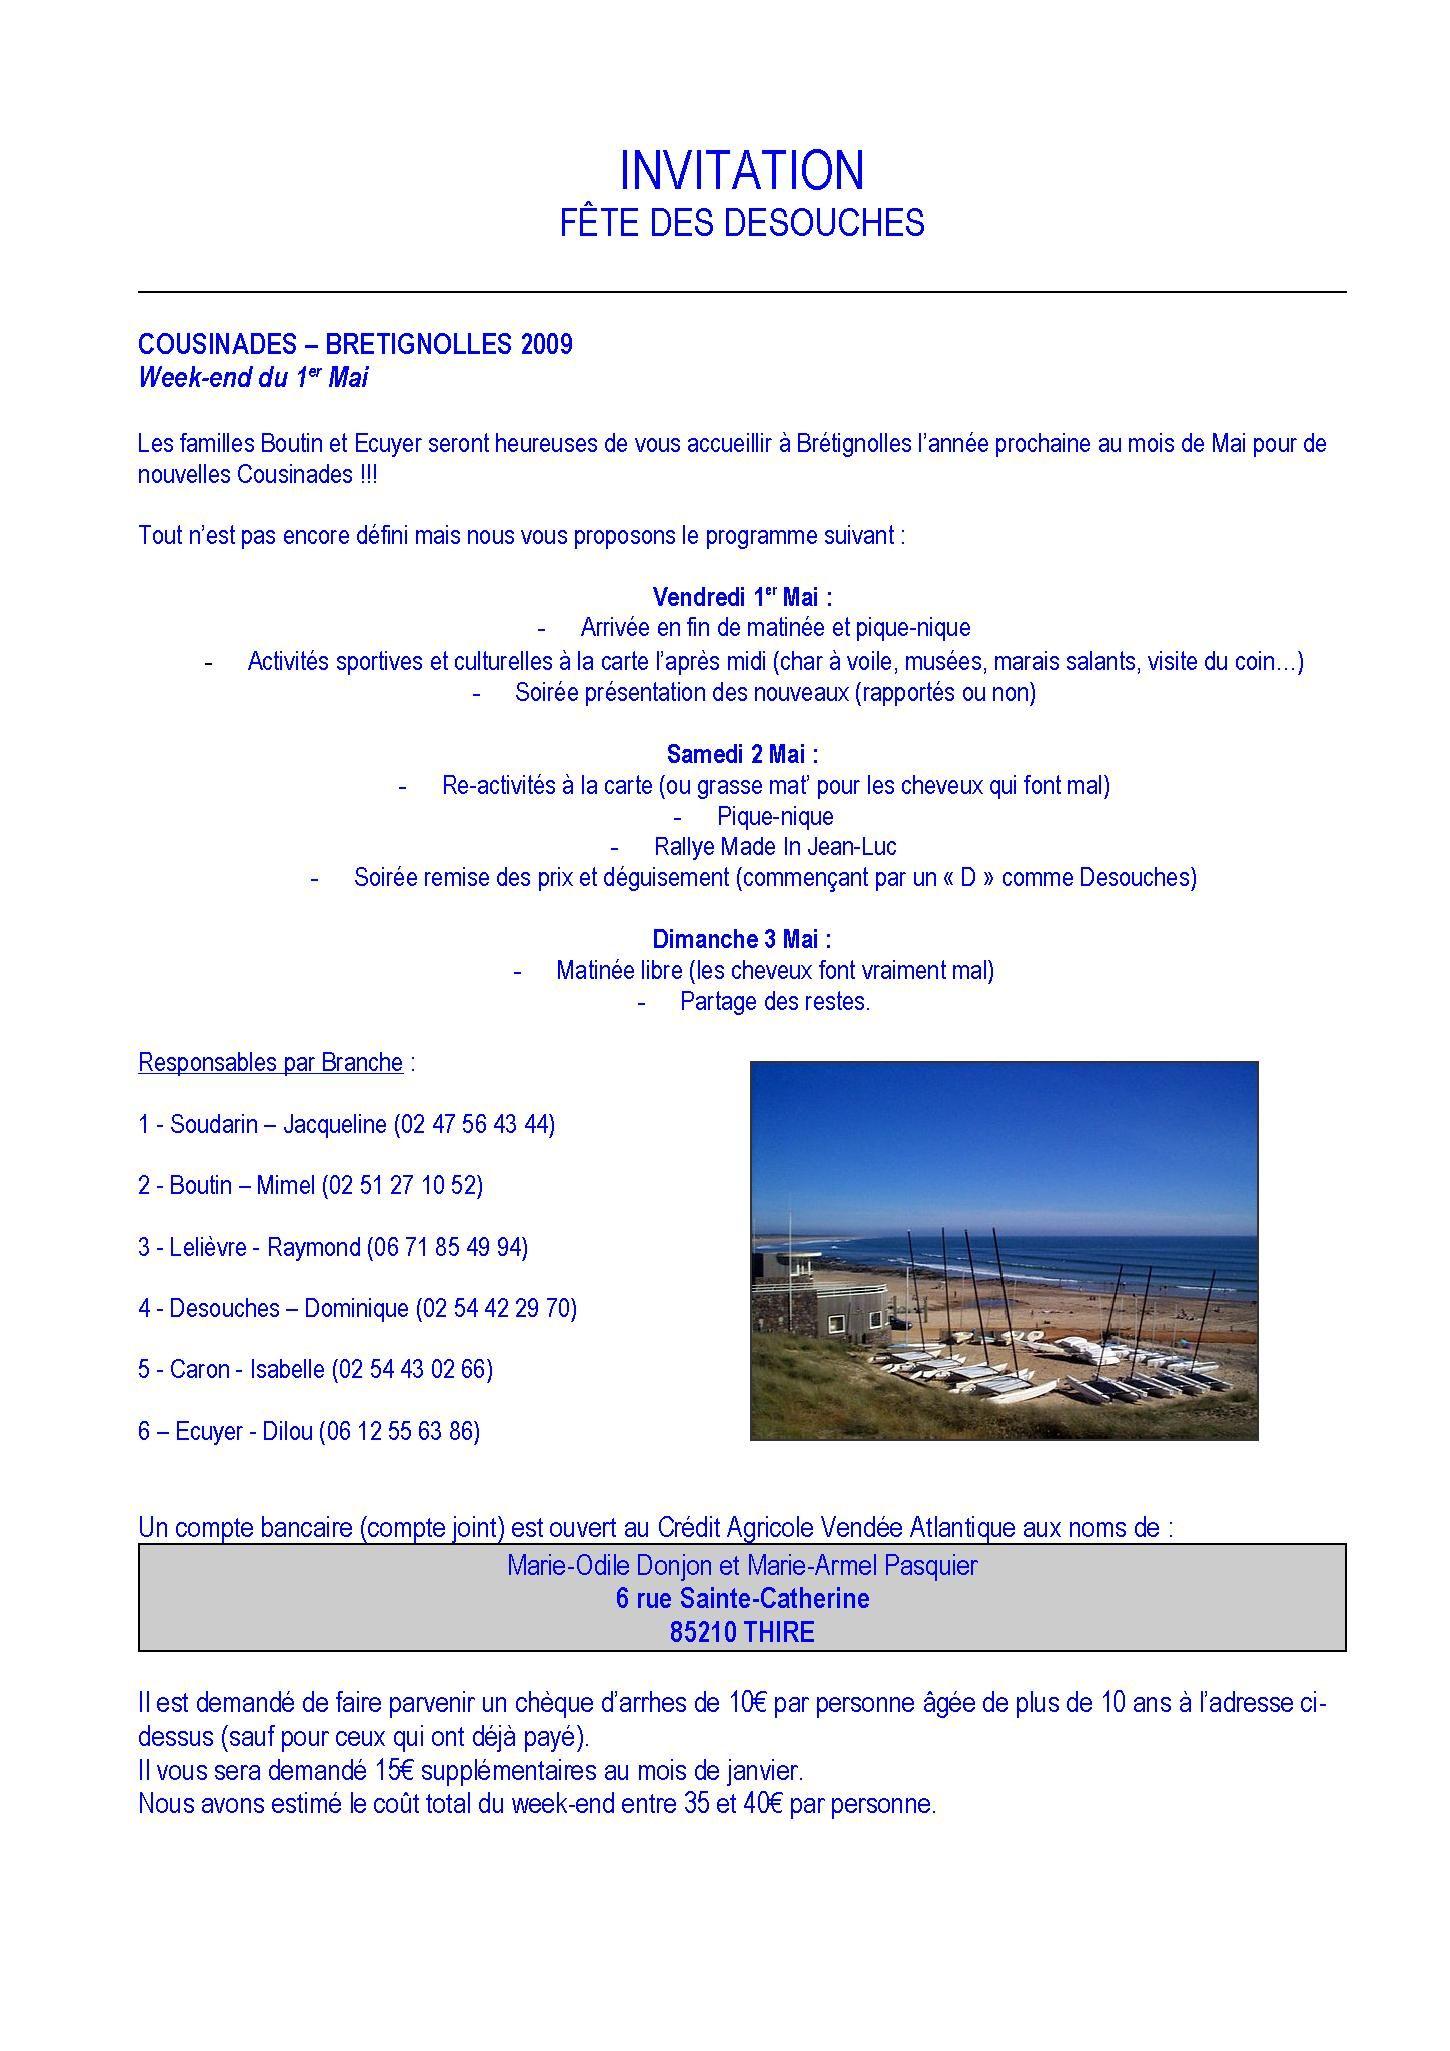 Invitation Aux Cousinades 2009 à Brétignolles